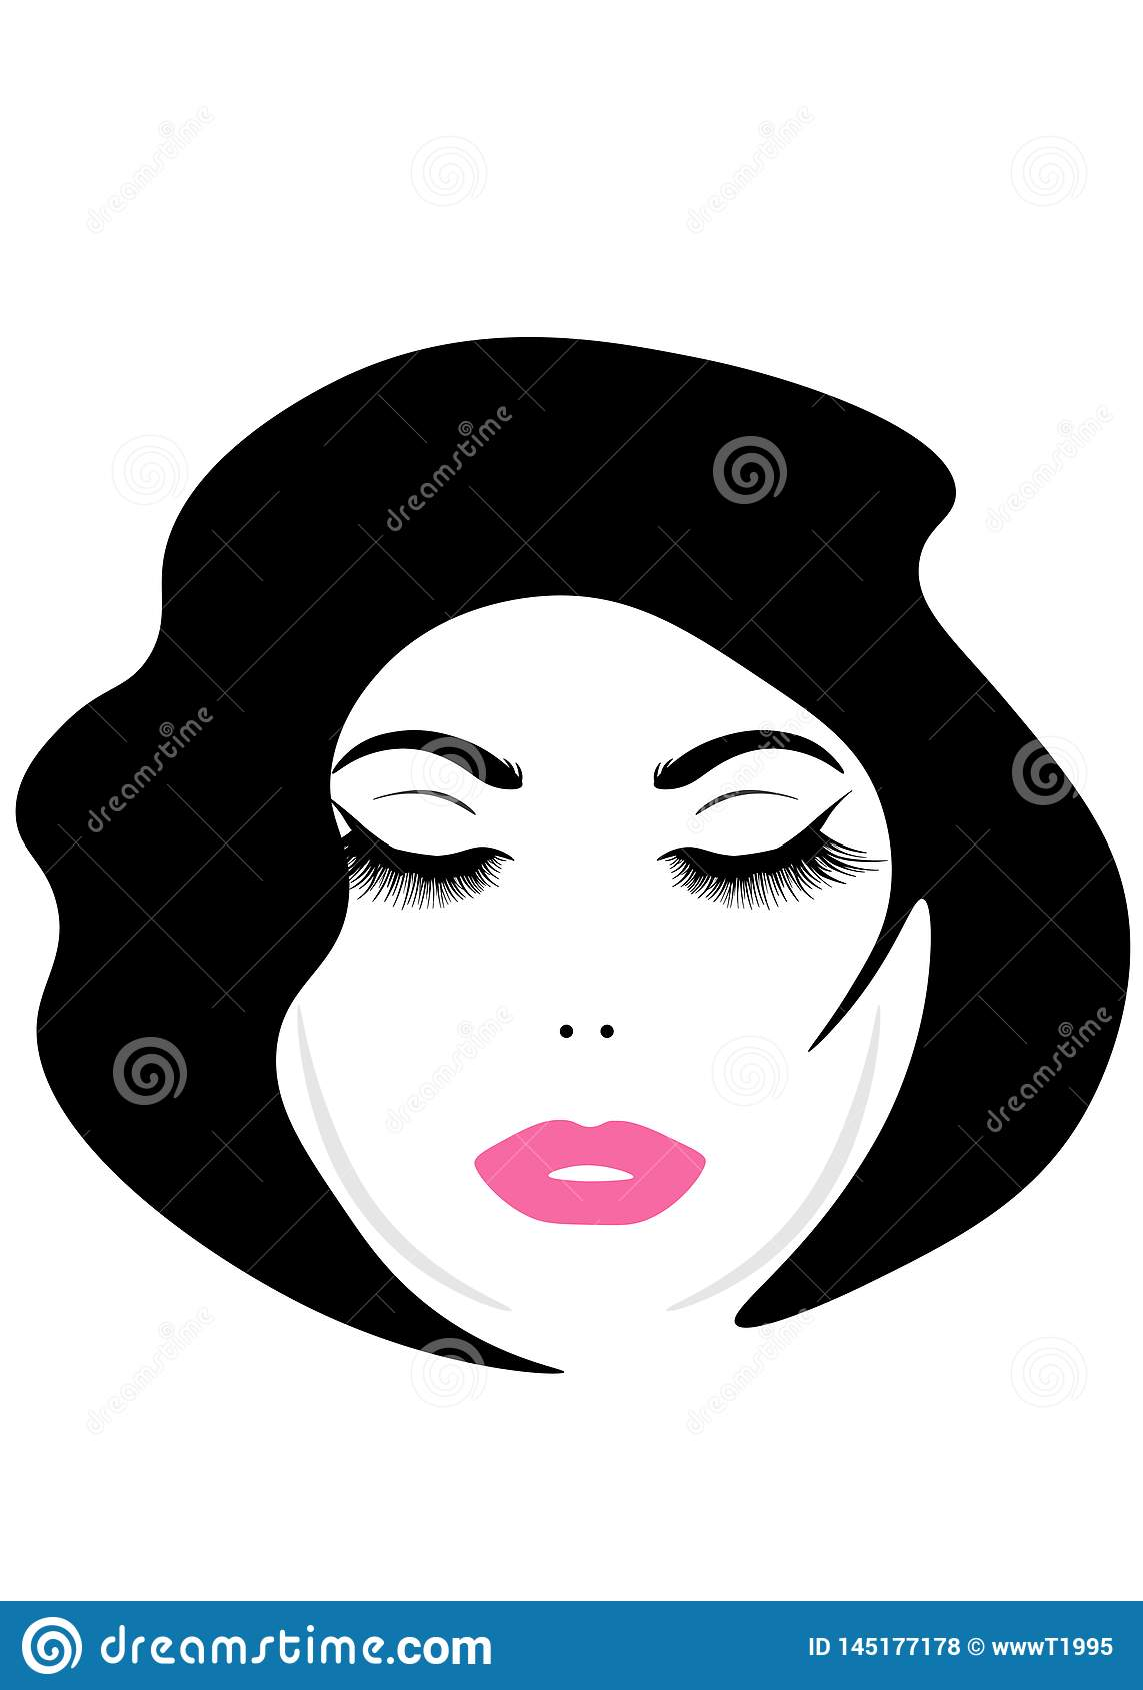 Πρόσωπο Ιστού μιας νέας όμορφης γυναίκας με μακρυμάλλη Εικονίδιο γυναικών hairstyle Οι γυναίκες λογότυπων αντιμετωπίζουν το μοντέ